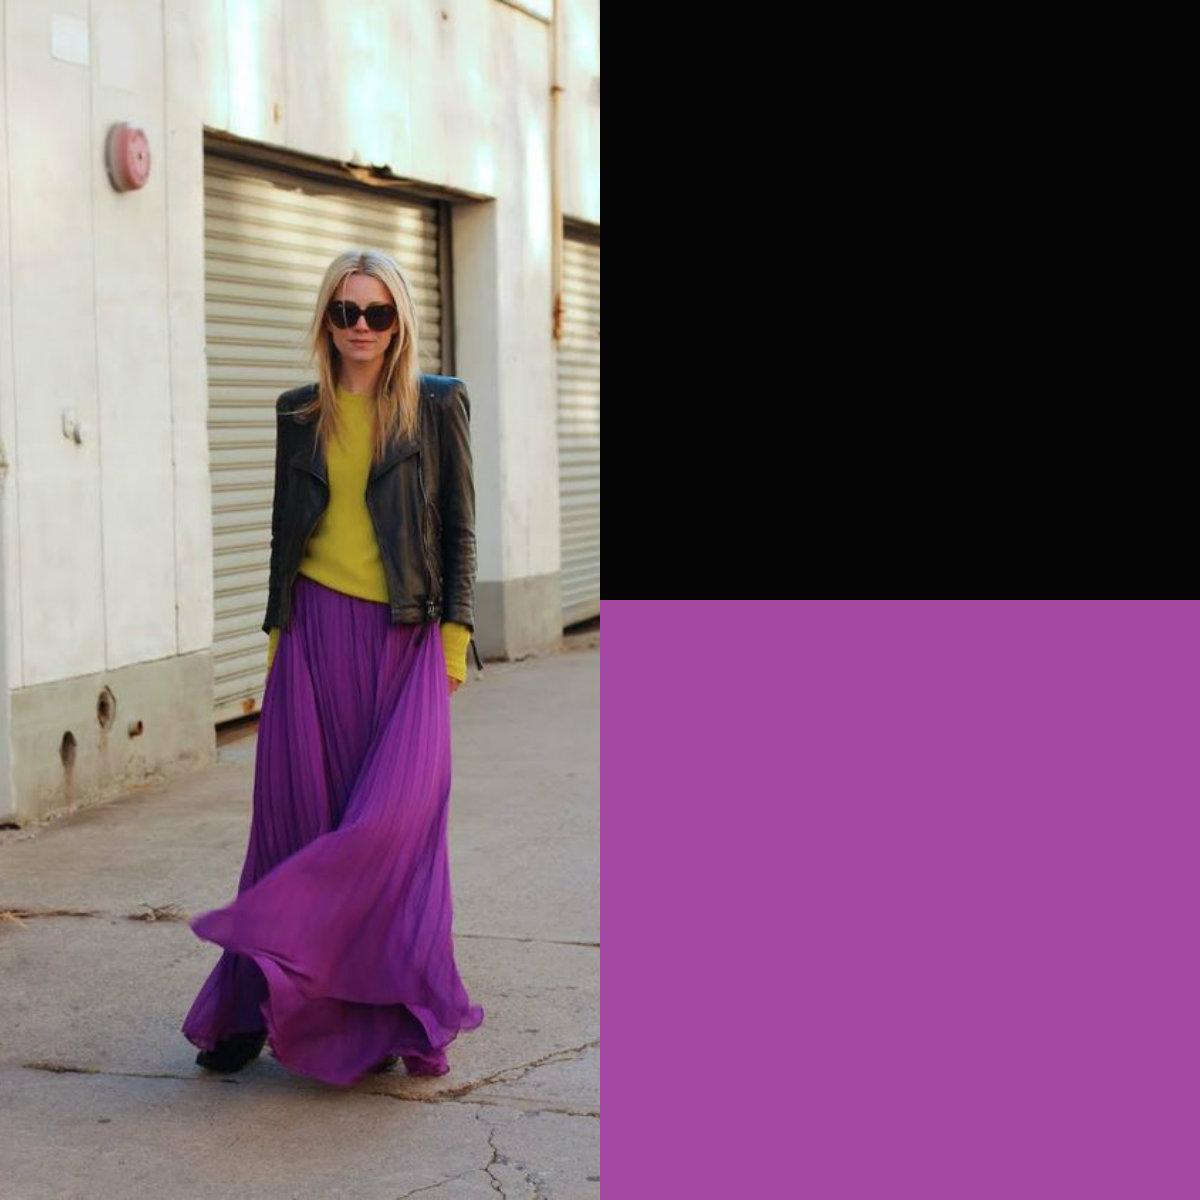 Come Creare Il Viola come abbinare i colori? ecco tutte le combinazioni possibili!